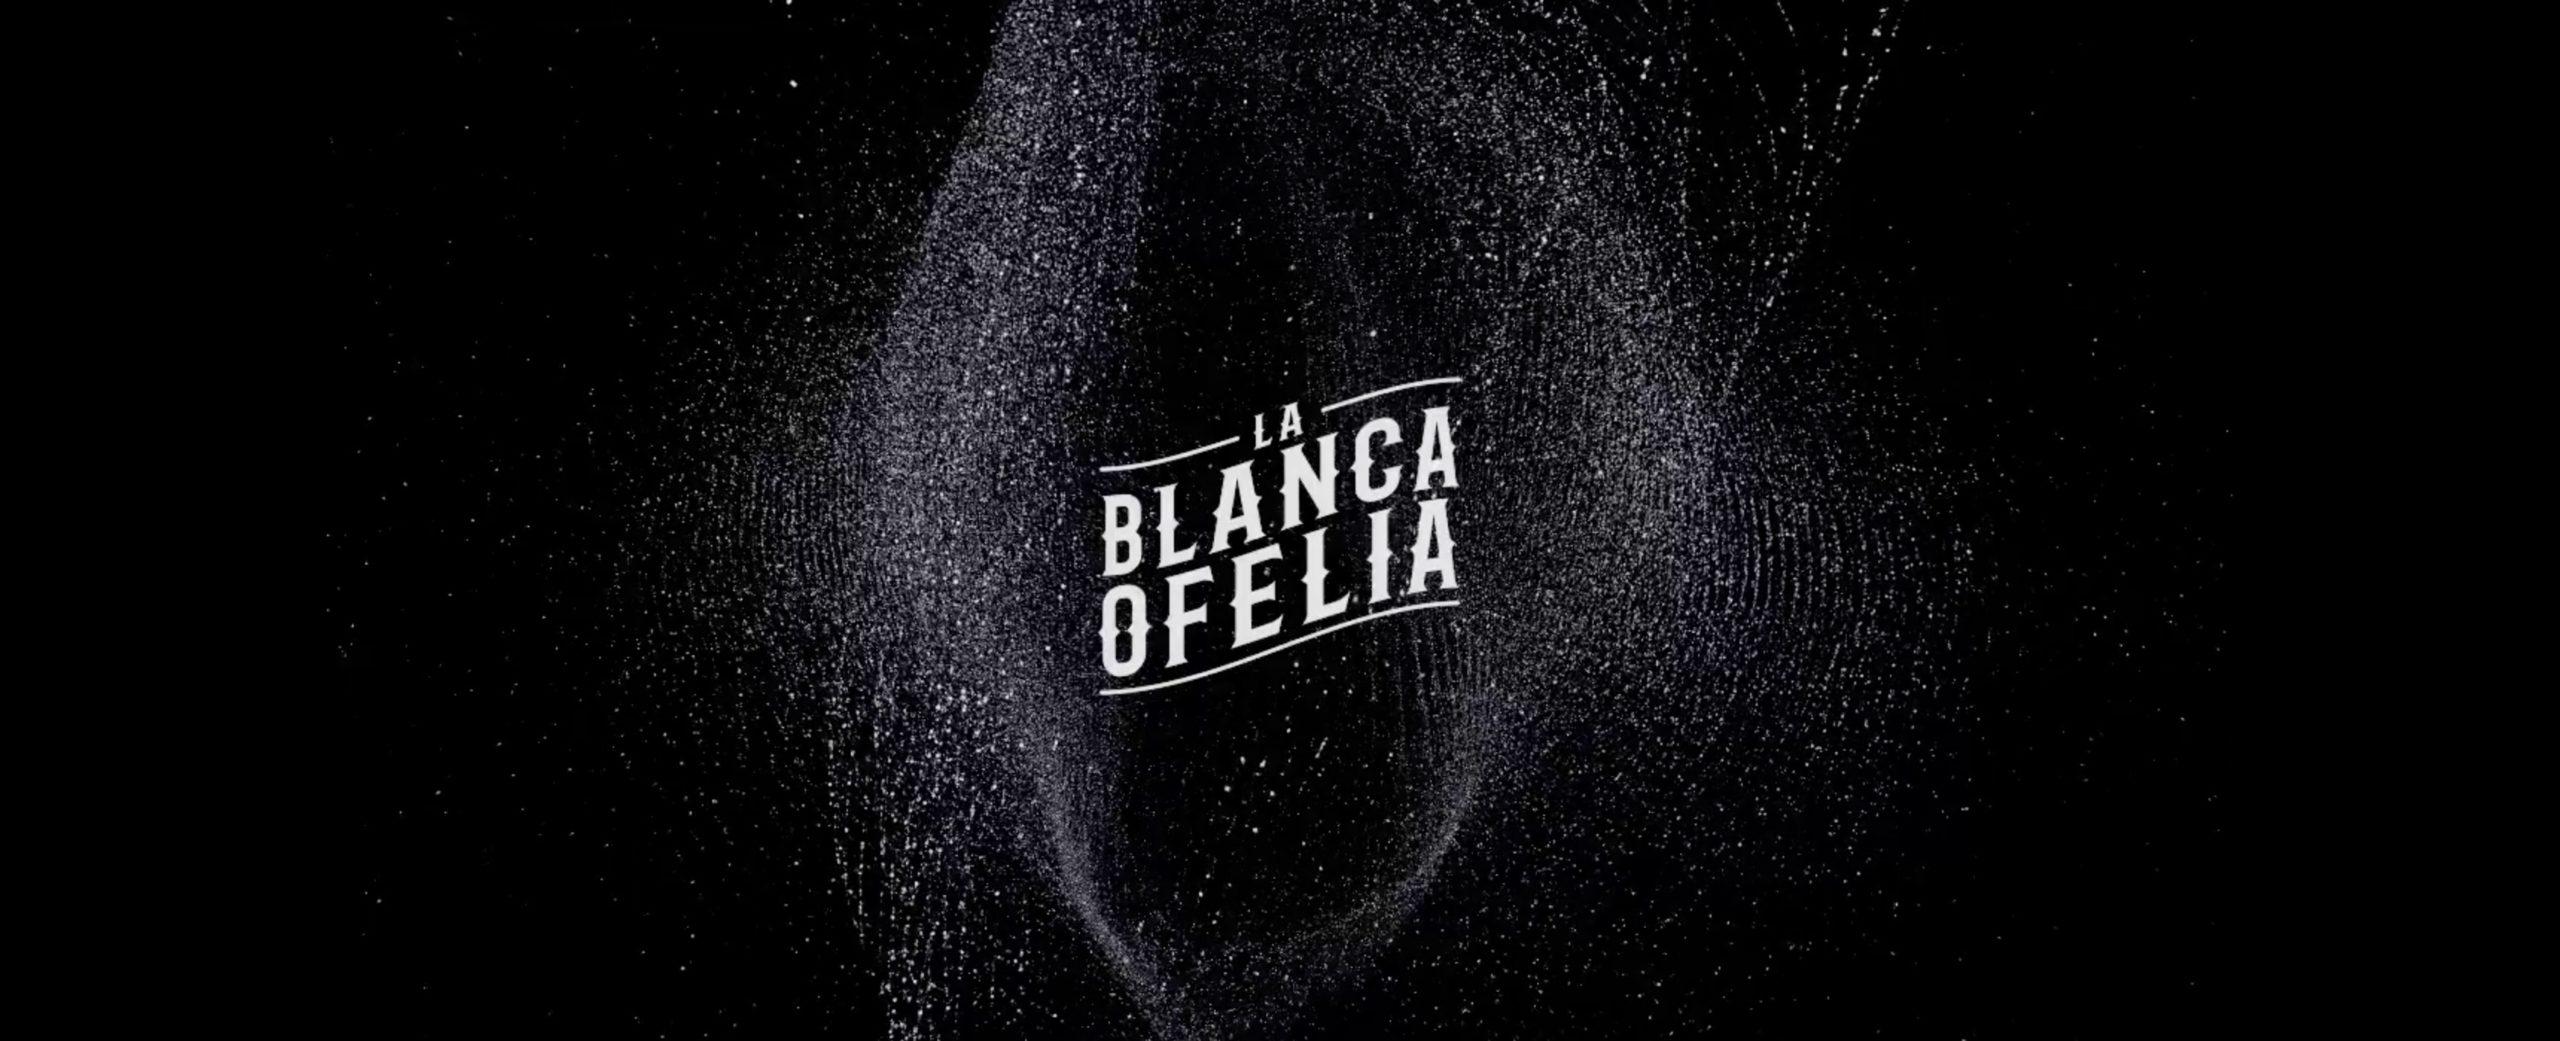 La Blanca Ofelia - Ocaso